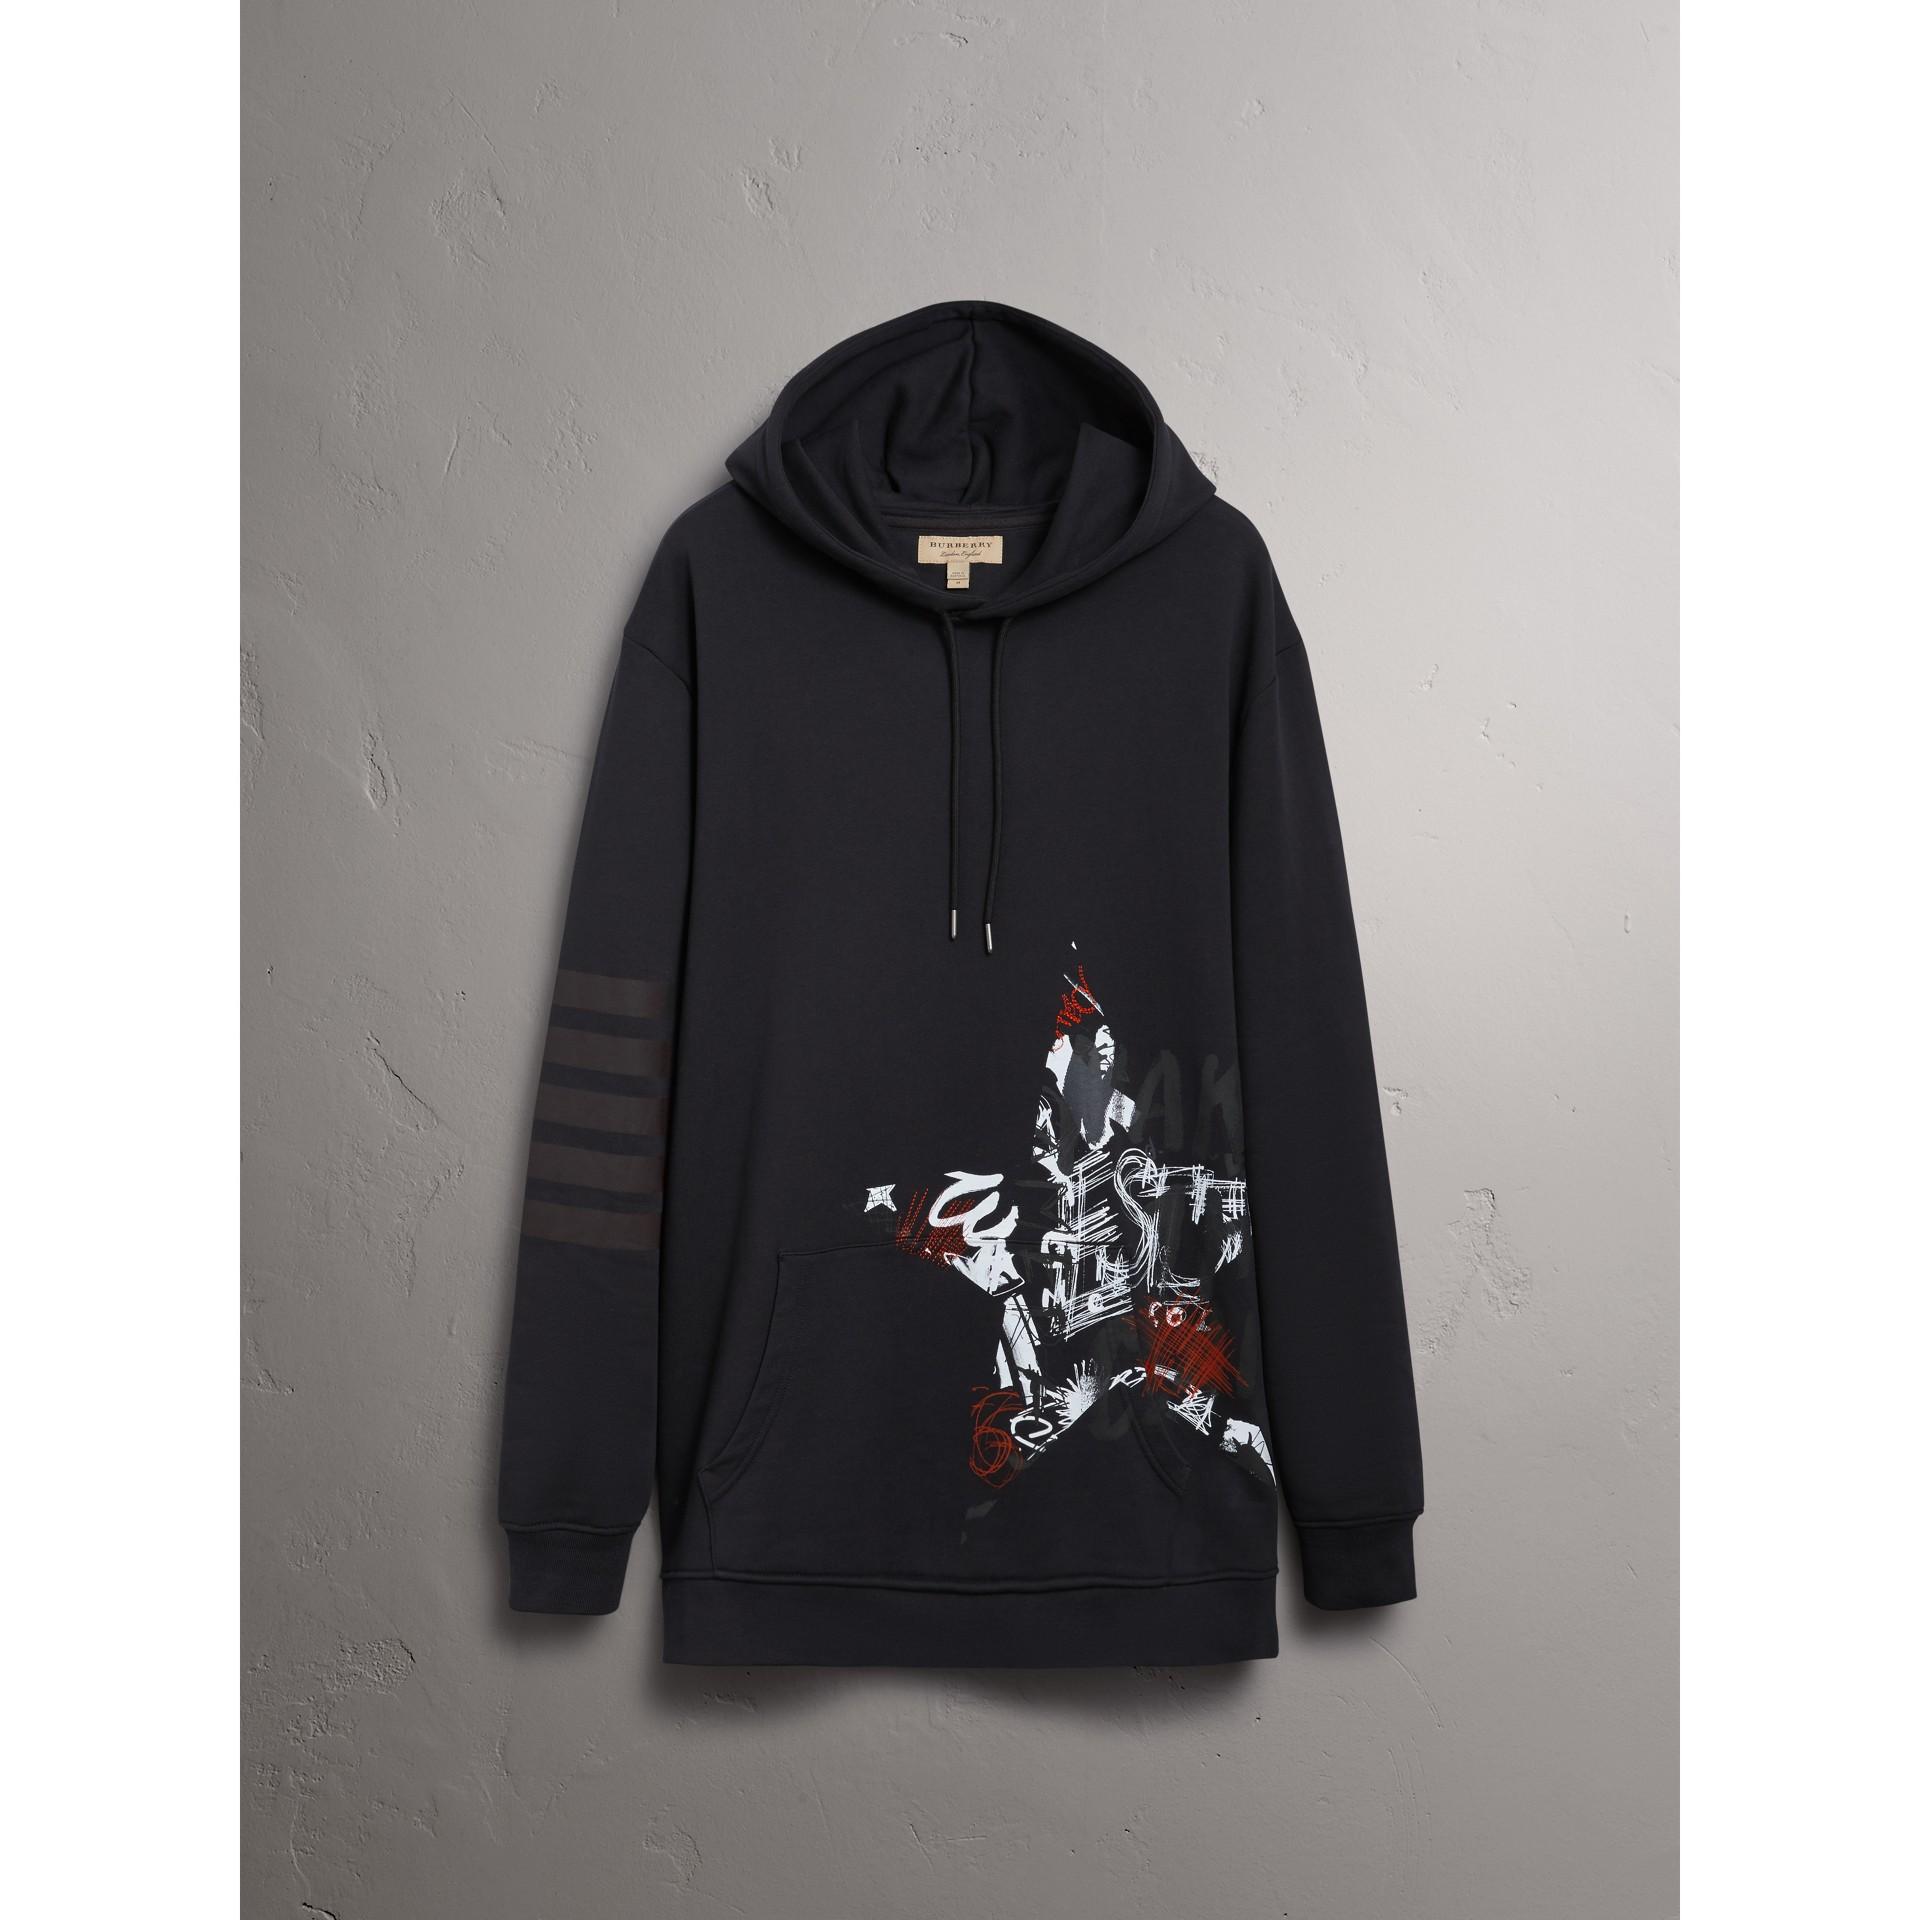 Burberry x Kris Wu Hooded Sweatshirt in Black - Men | Burberry United Kingdom - gallery image 3